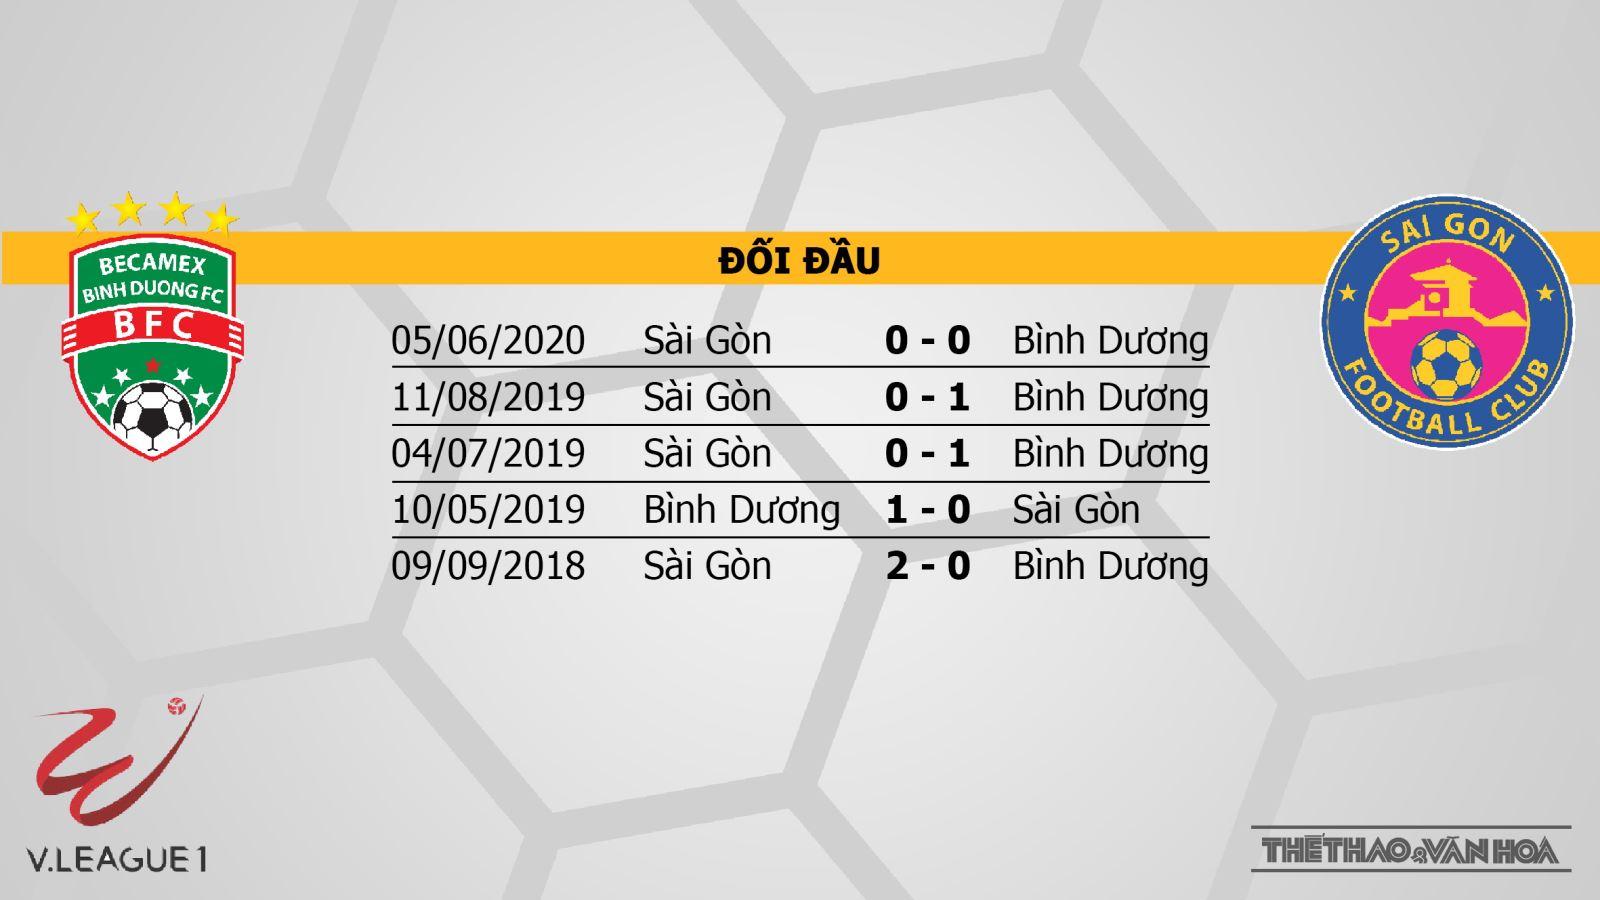 Bình Dương vsSài Gòn, Bình Dương, Sài Gòn, soi kèo Bình Dương vs Sài Gòn, trực tiếp Bình Dương vs Sài Gòn, kèo bóng đá, dự đoán Bình Dương vsSài Gòn